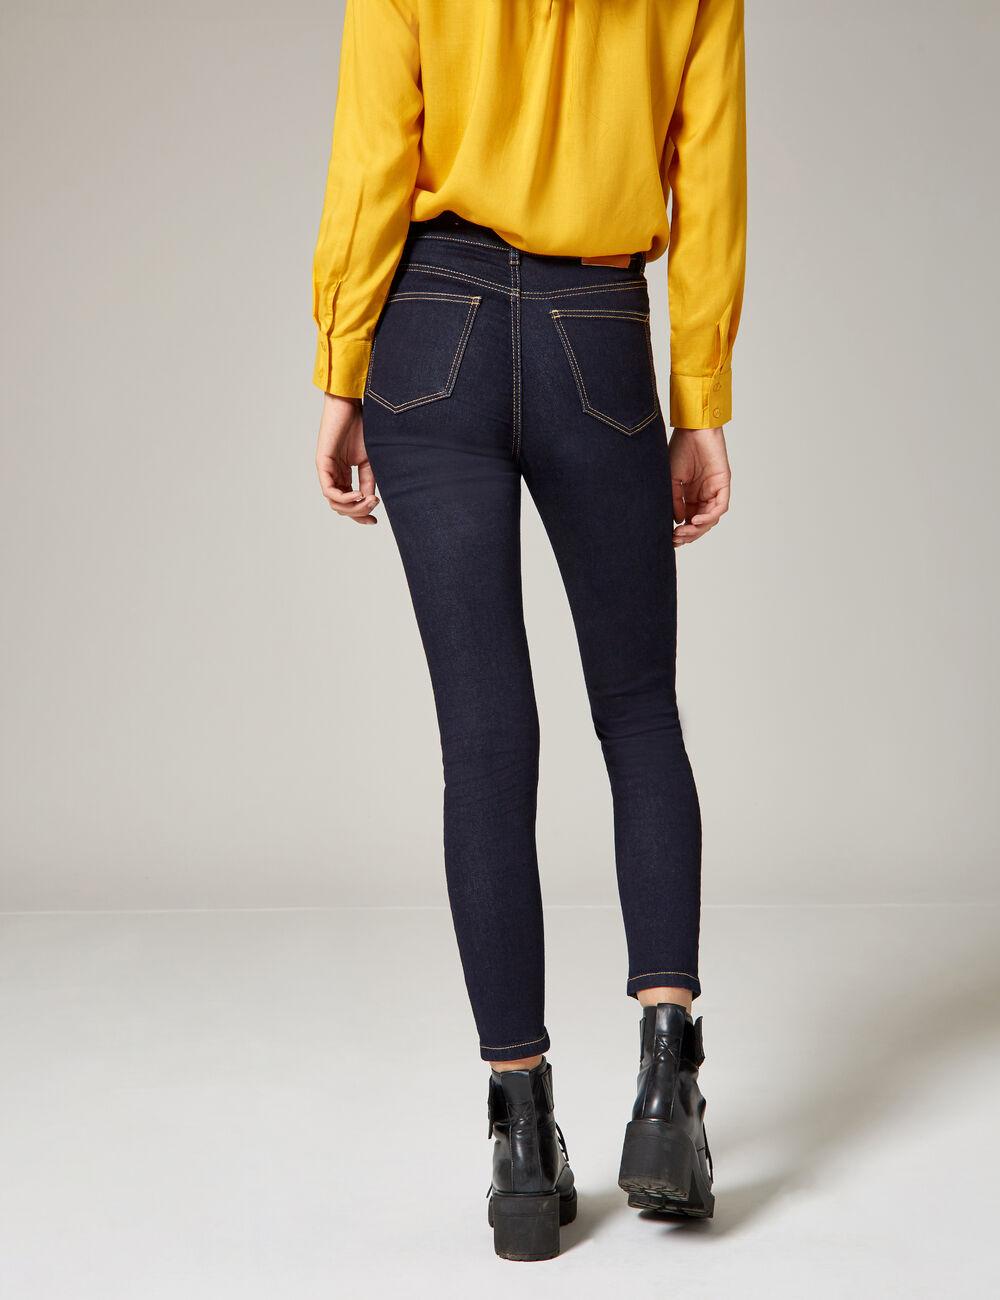 Jeans Américain Rag Bleu Charlie Lavage Déchiré Jeans Moulant 3